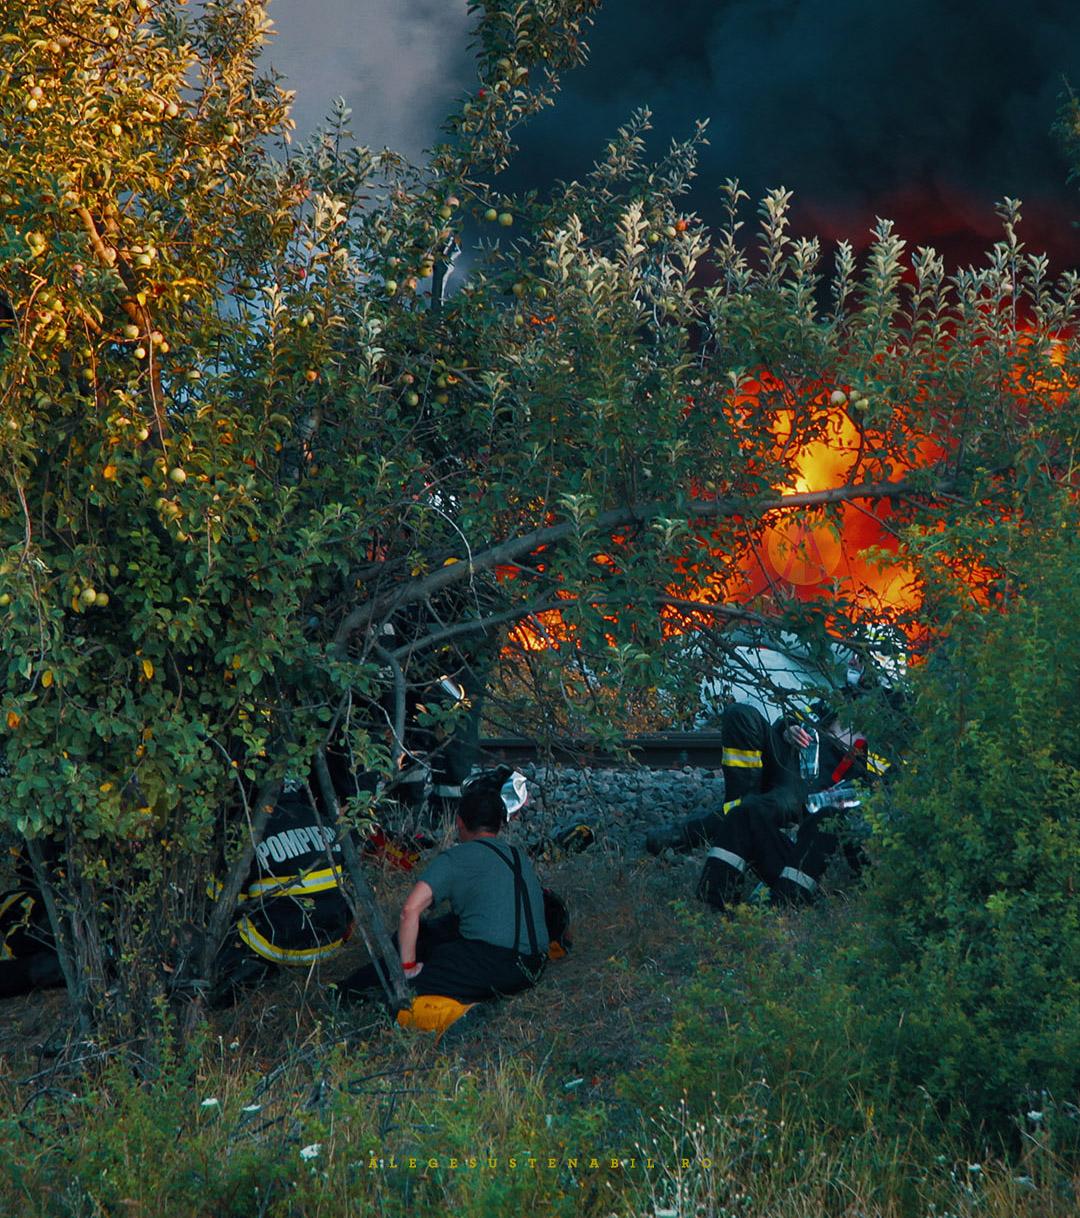 Pompierii beau apa adusa de privitori de la magazinul aflat la 1 km departare